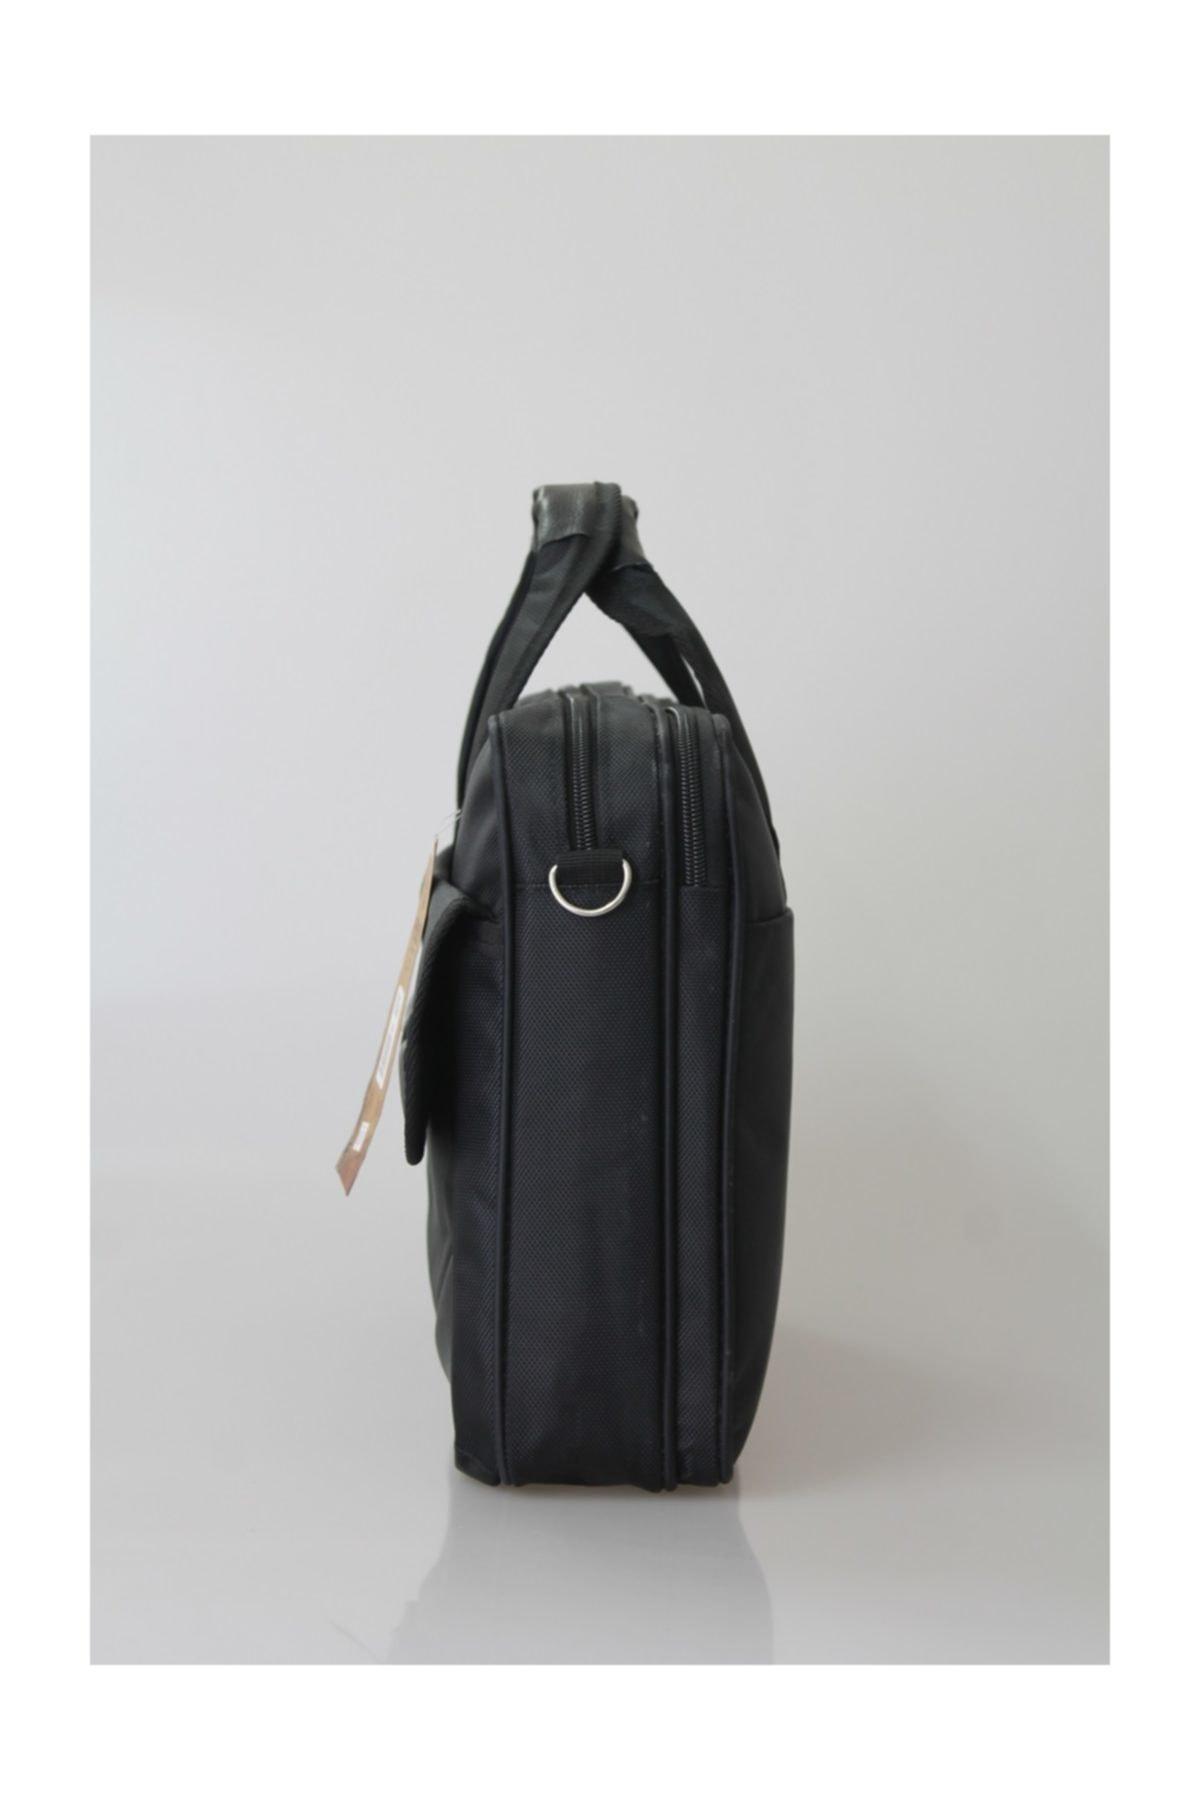 CAKARD Kumaş 15.6 Inç Laptop Bölmeli Evrak Çantası 0862 Siyah 2